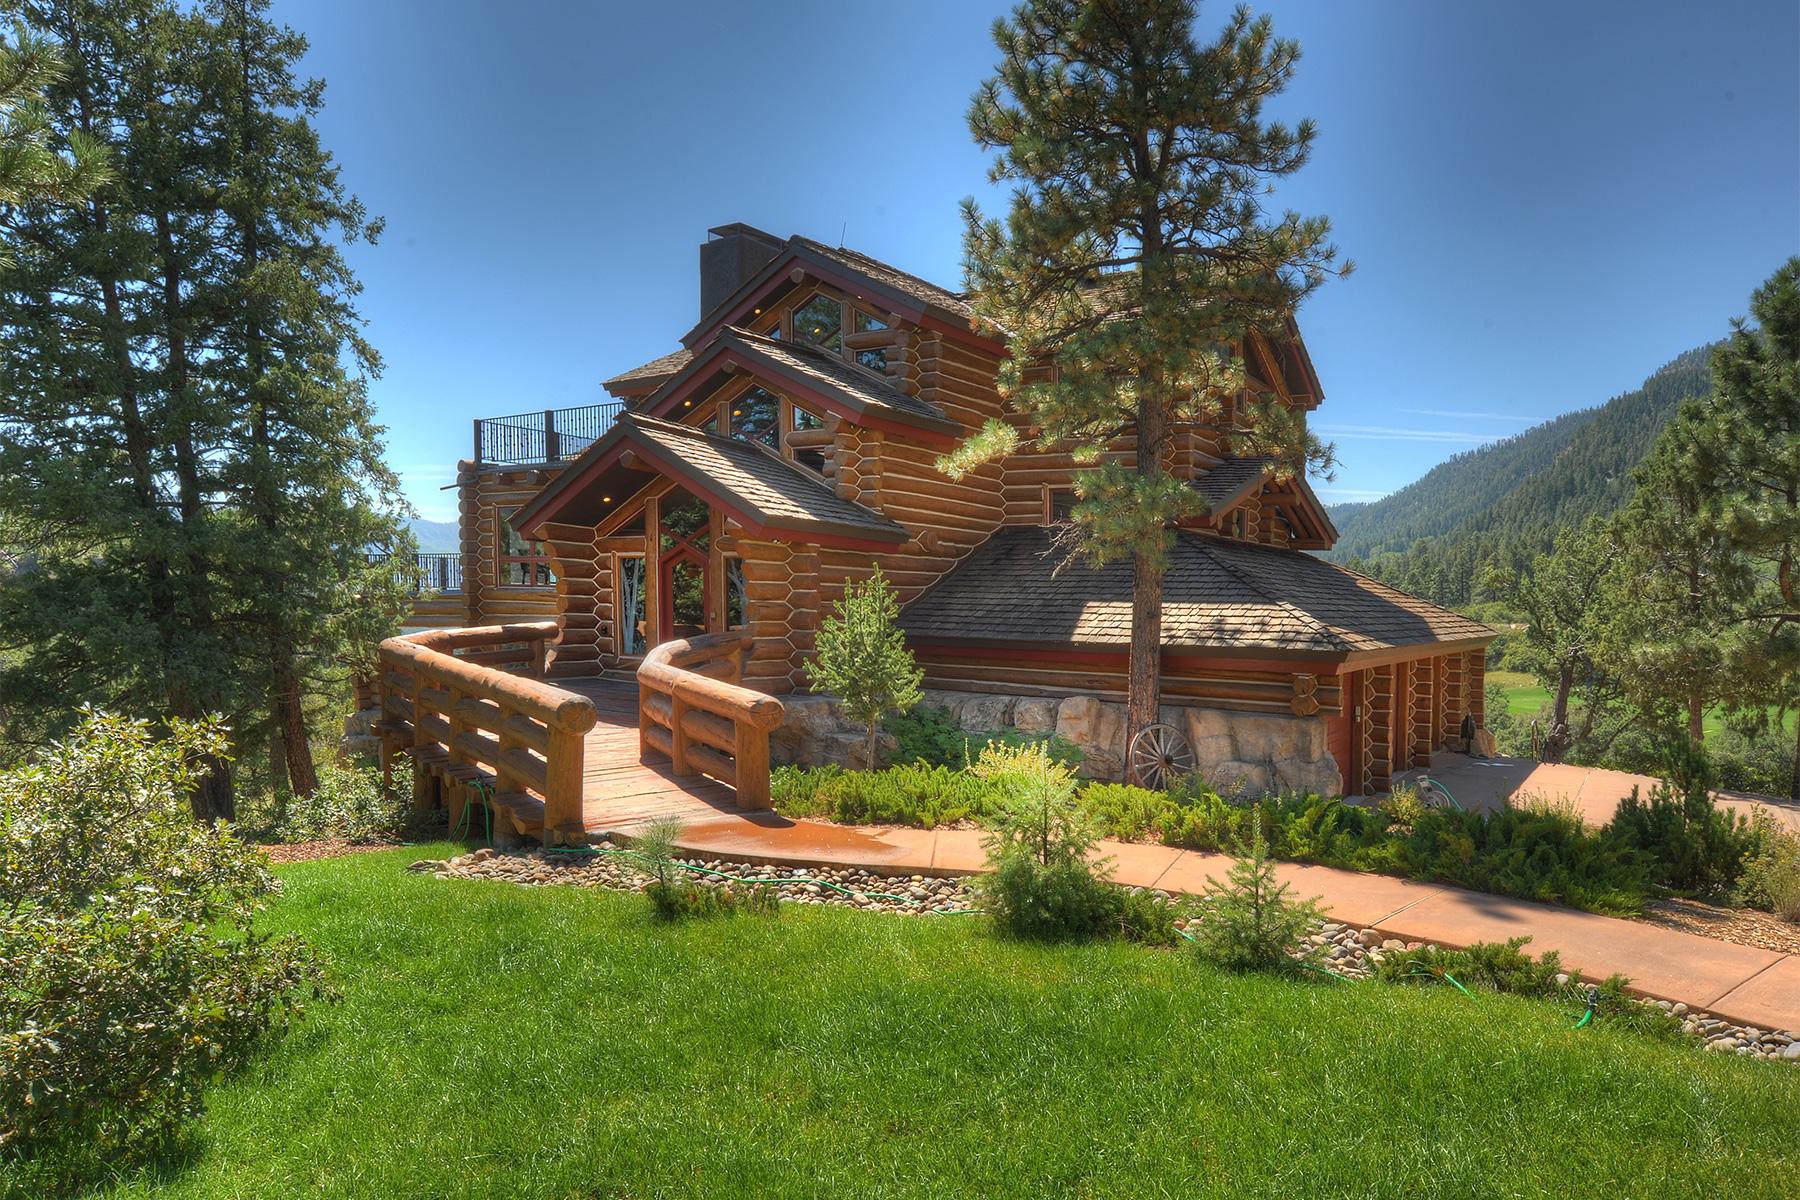 Casa Unifamiliar por un Venta en 110 Peregrine Drive Durango, Colorado 81301 Estados Unidos